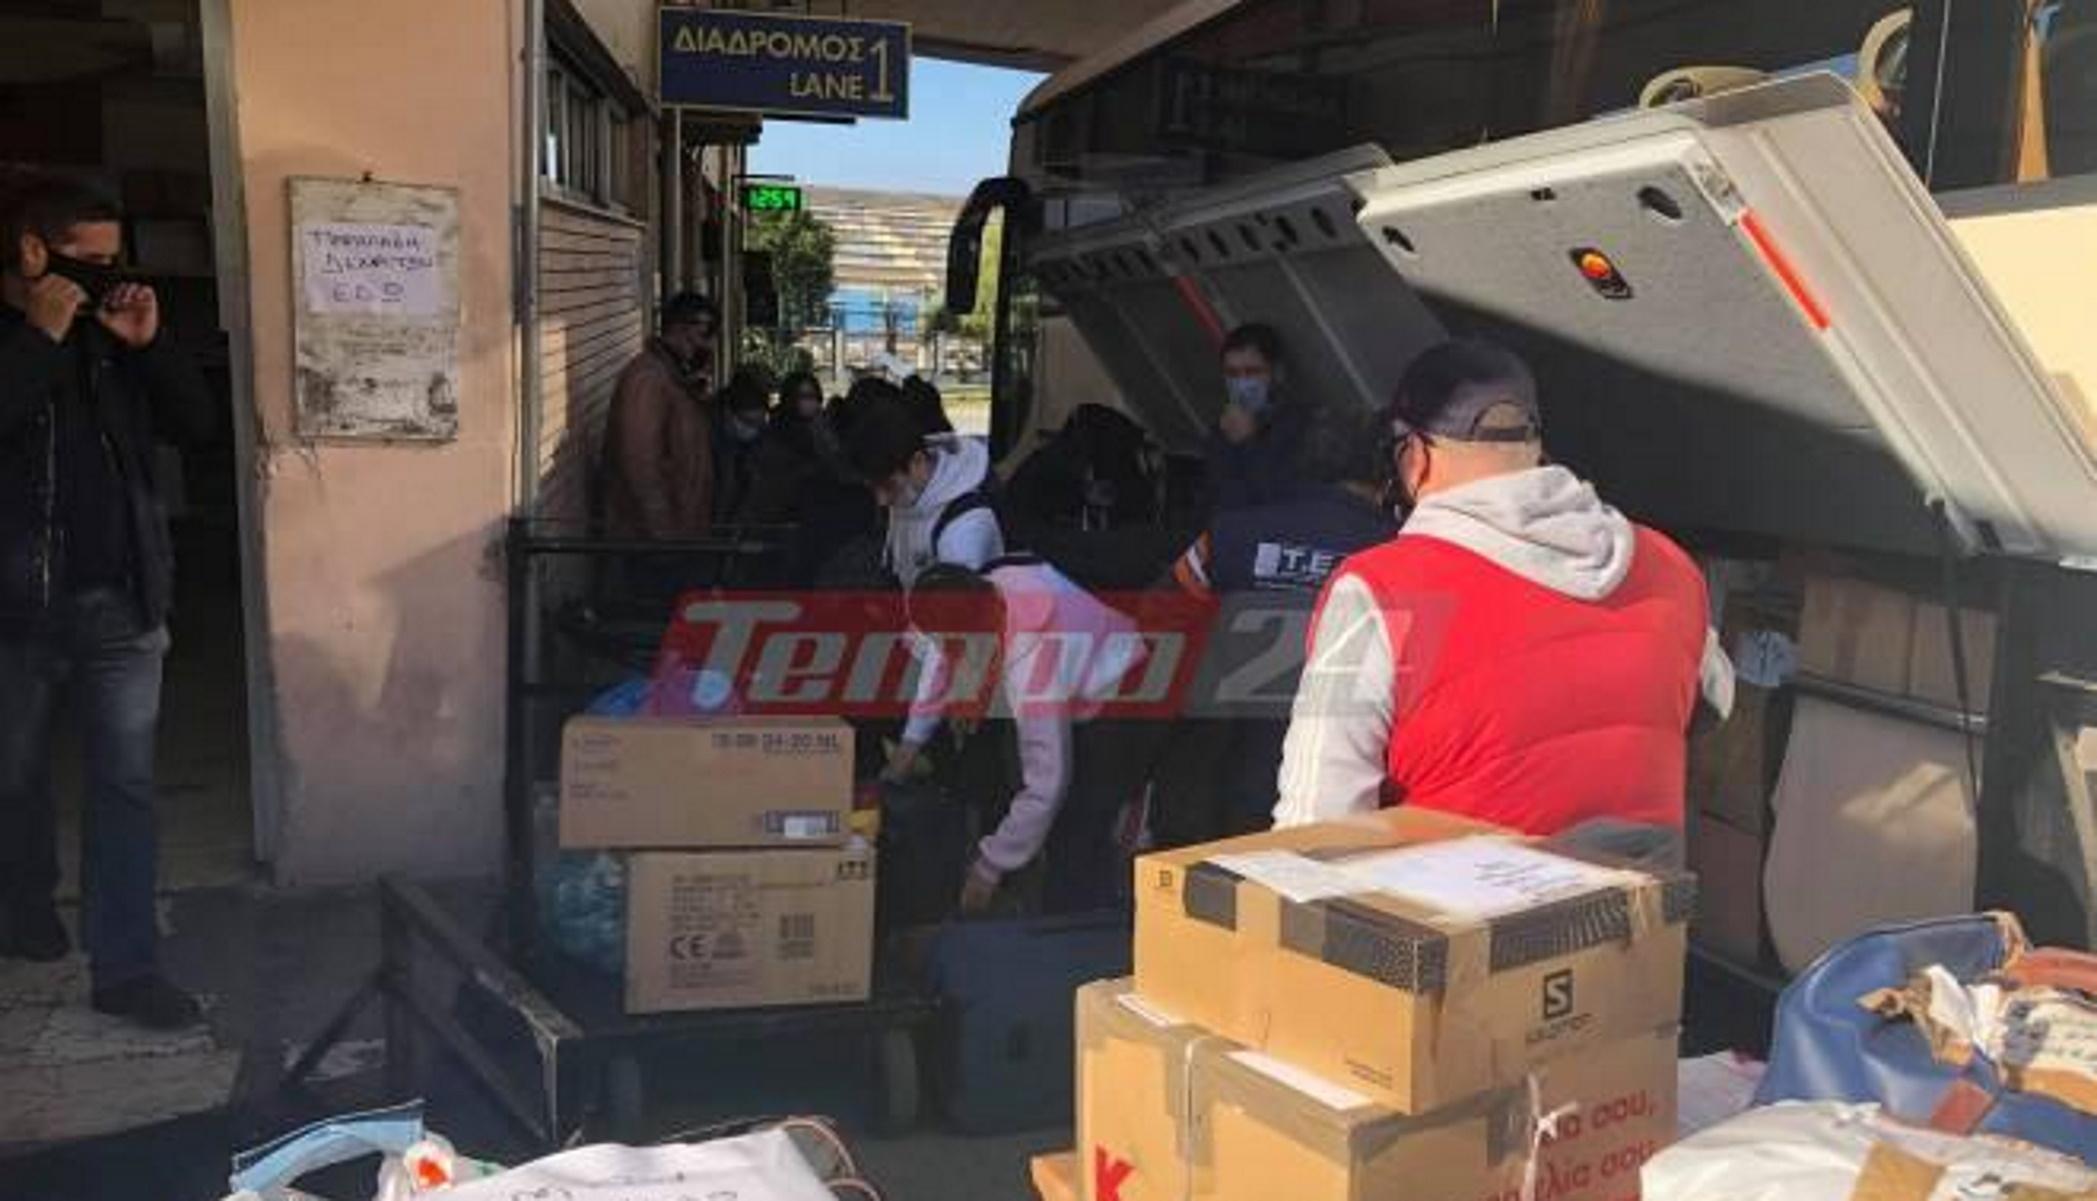 Χαμός στα ΚΤΕΛ Αχαΐας με τα δέματα: Φέτος θα είναι περισσότερα από τους επιβάτες (pics)